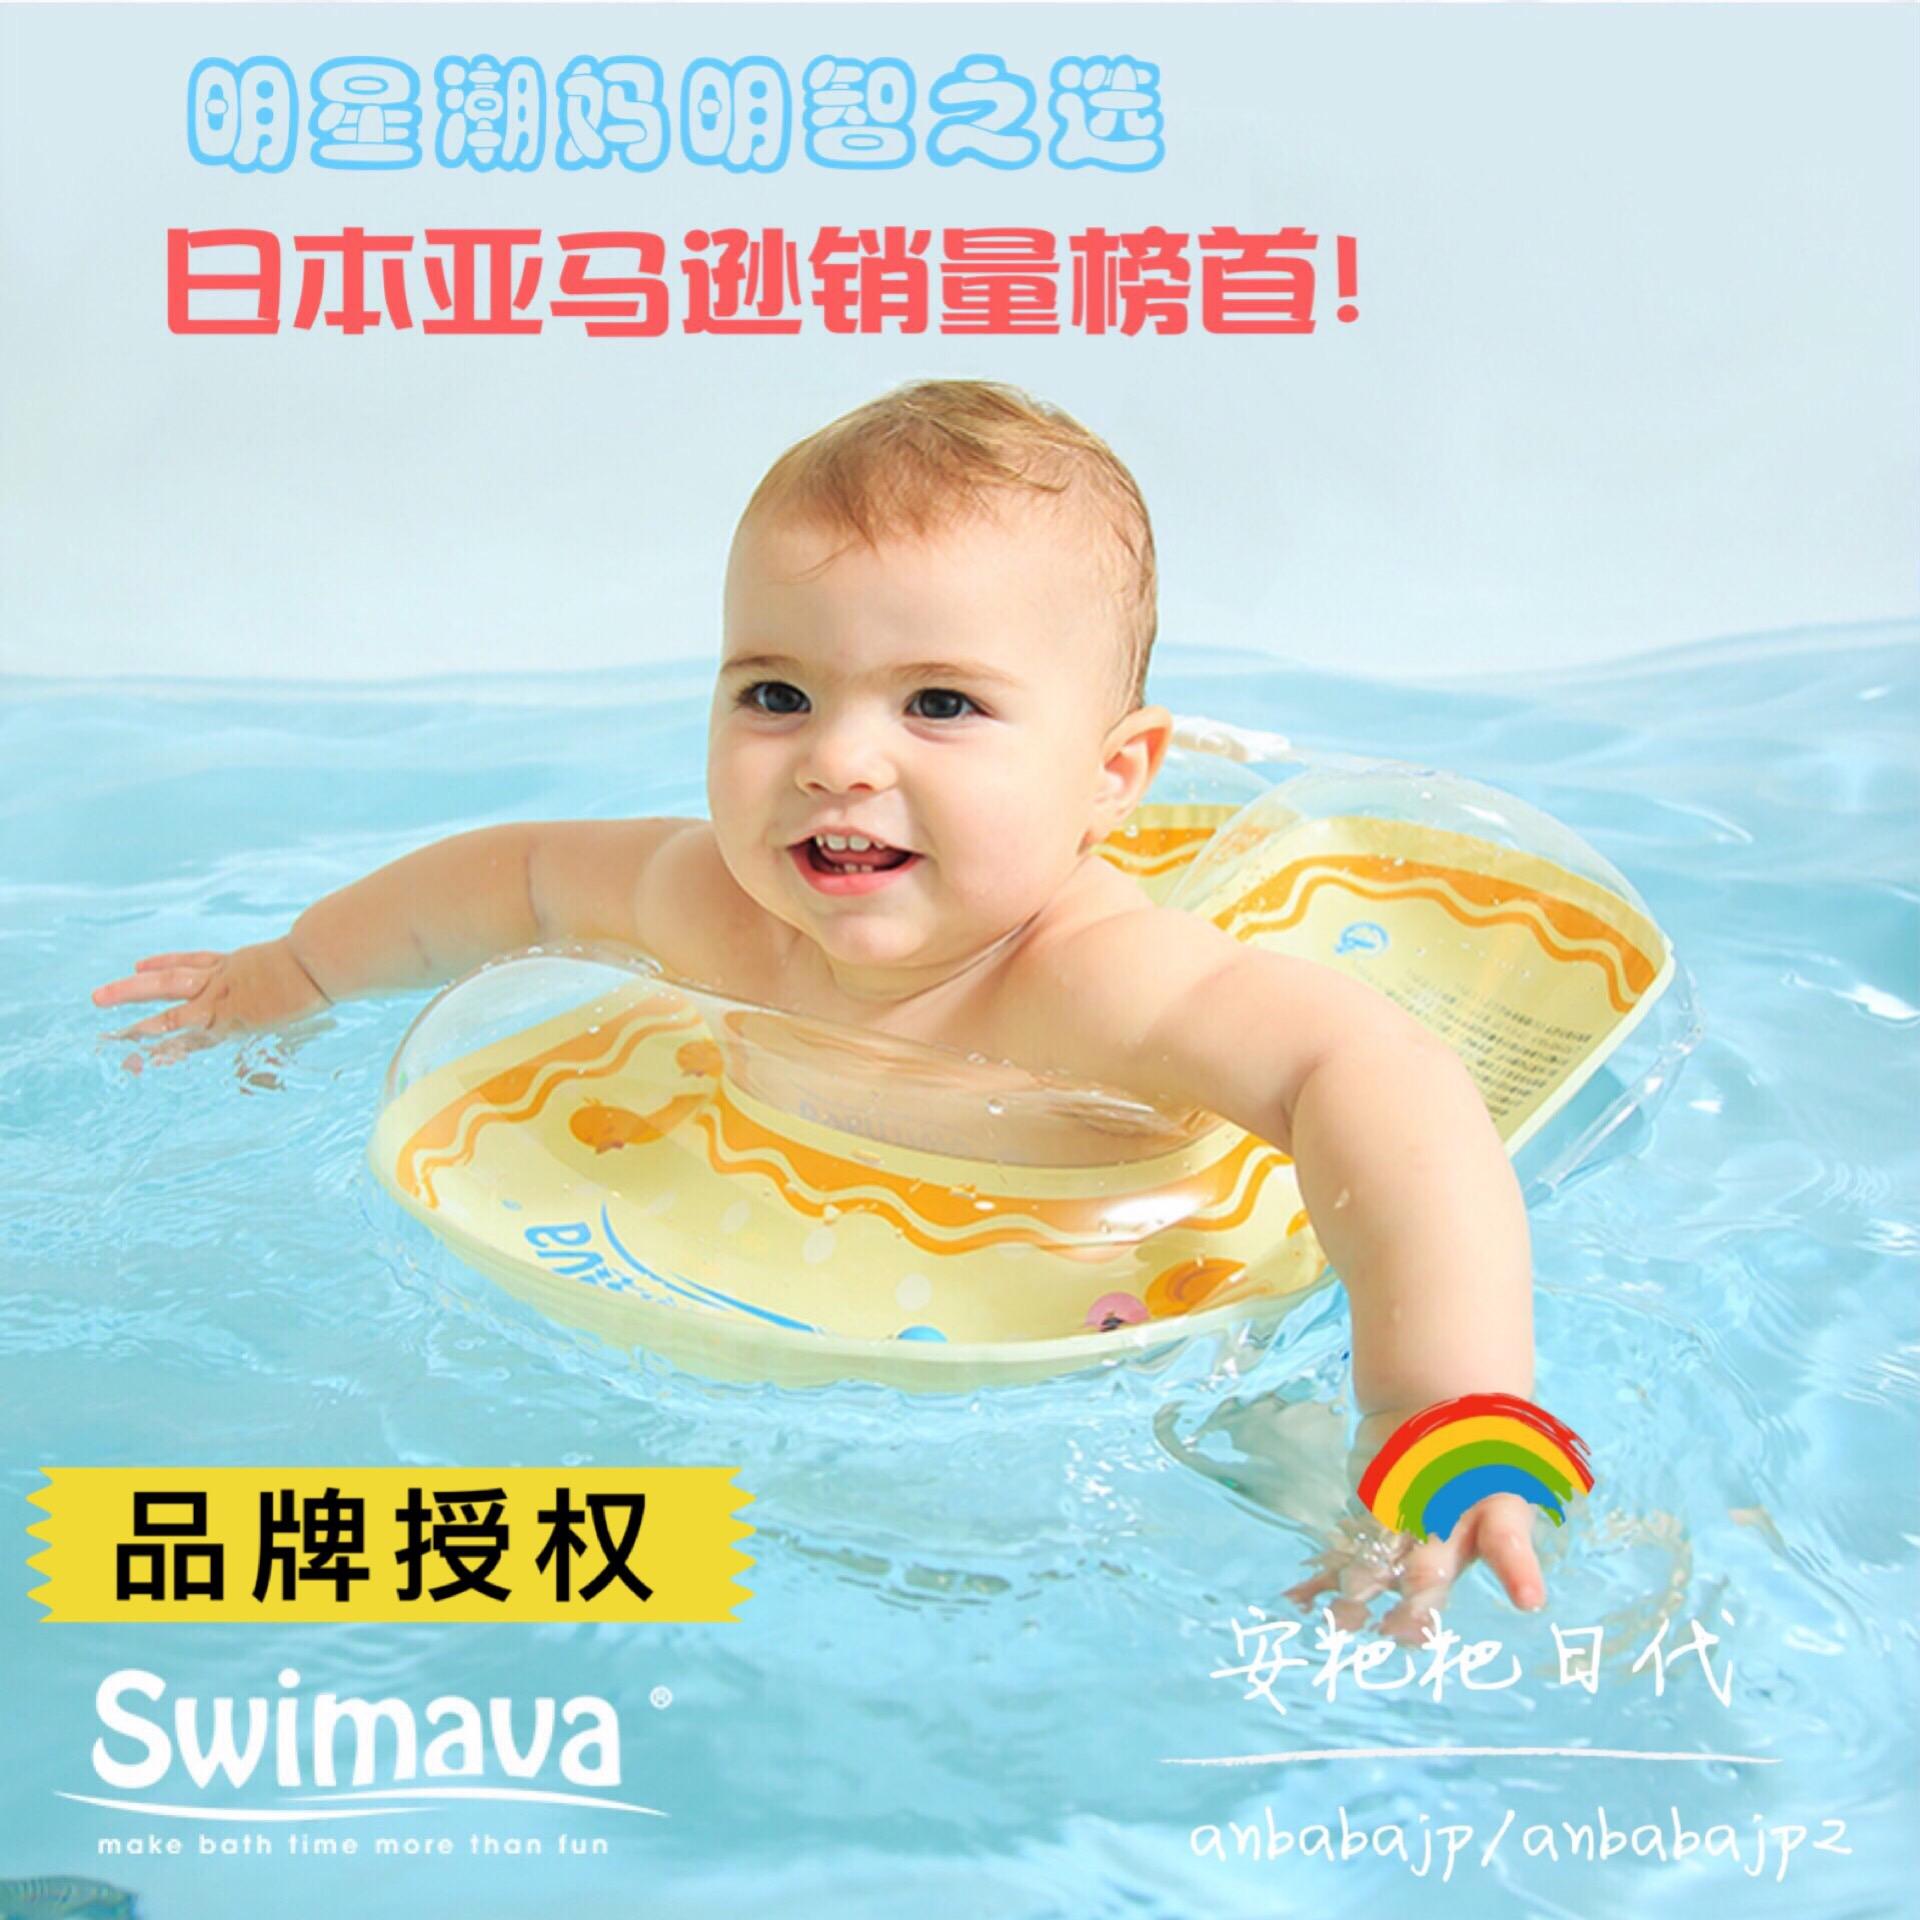 swimava进阶宝宝u型岁游泳圈11-04新券